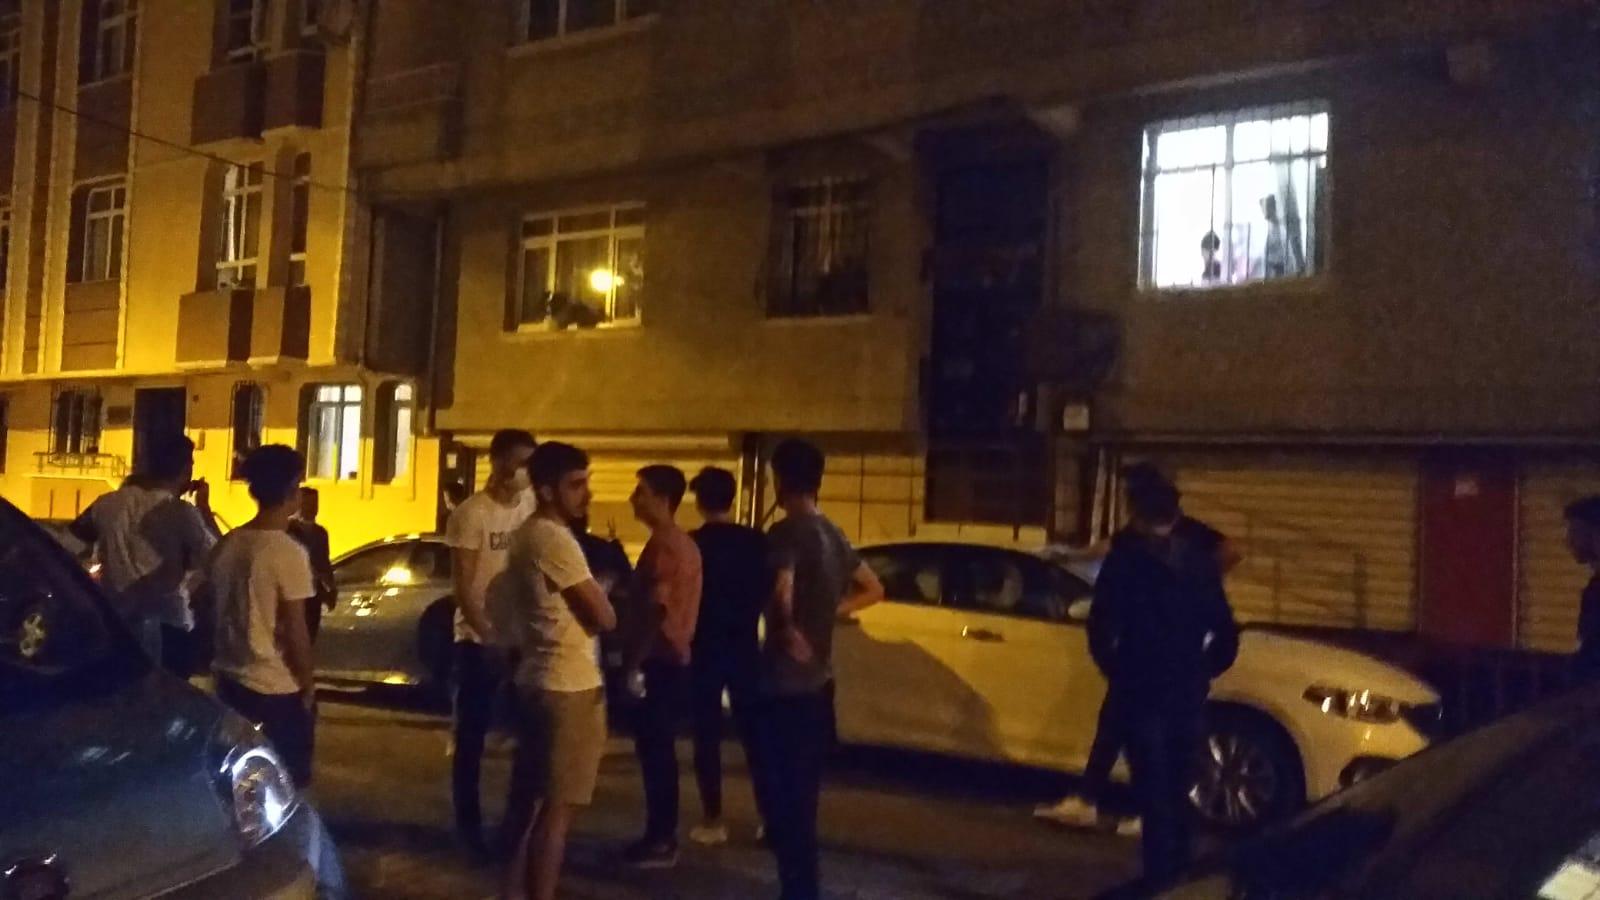 Güngörende Komşular kavga etti, gençlerin sağduyusu felaketi önledi